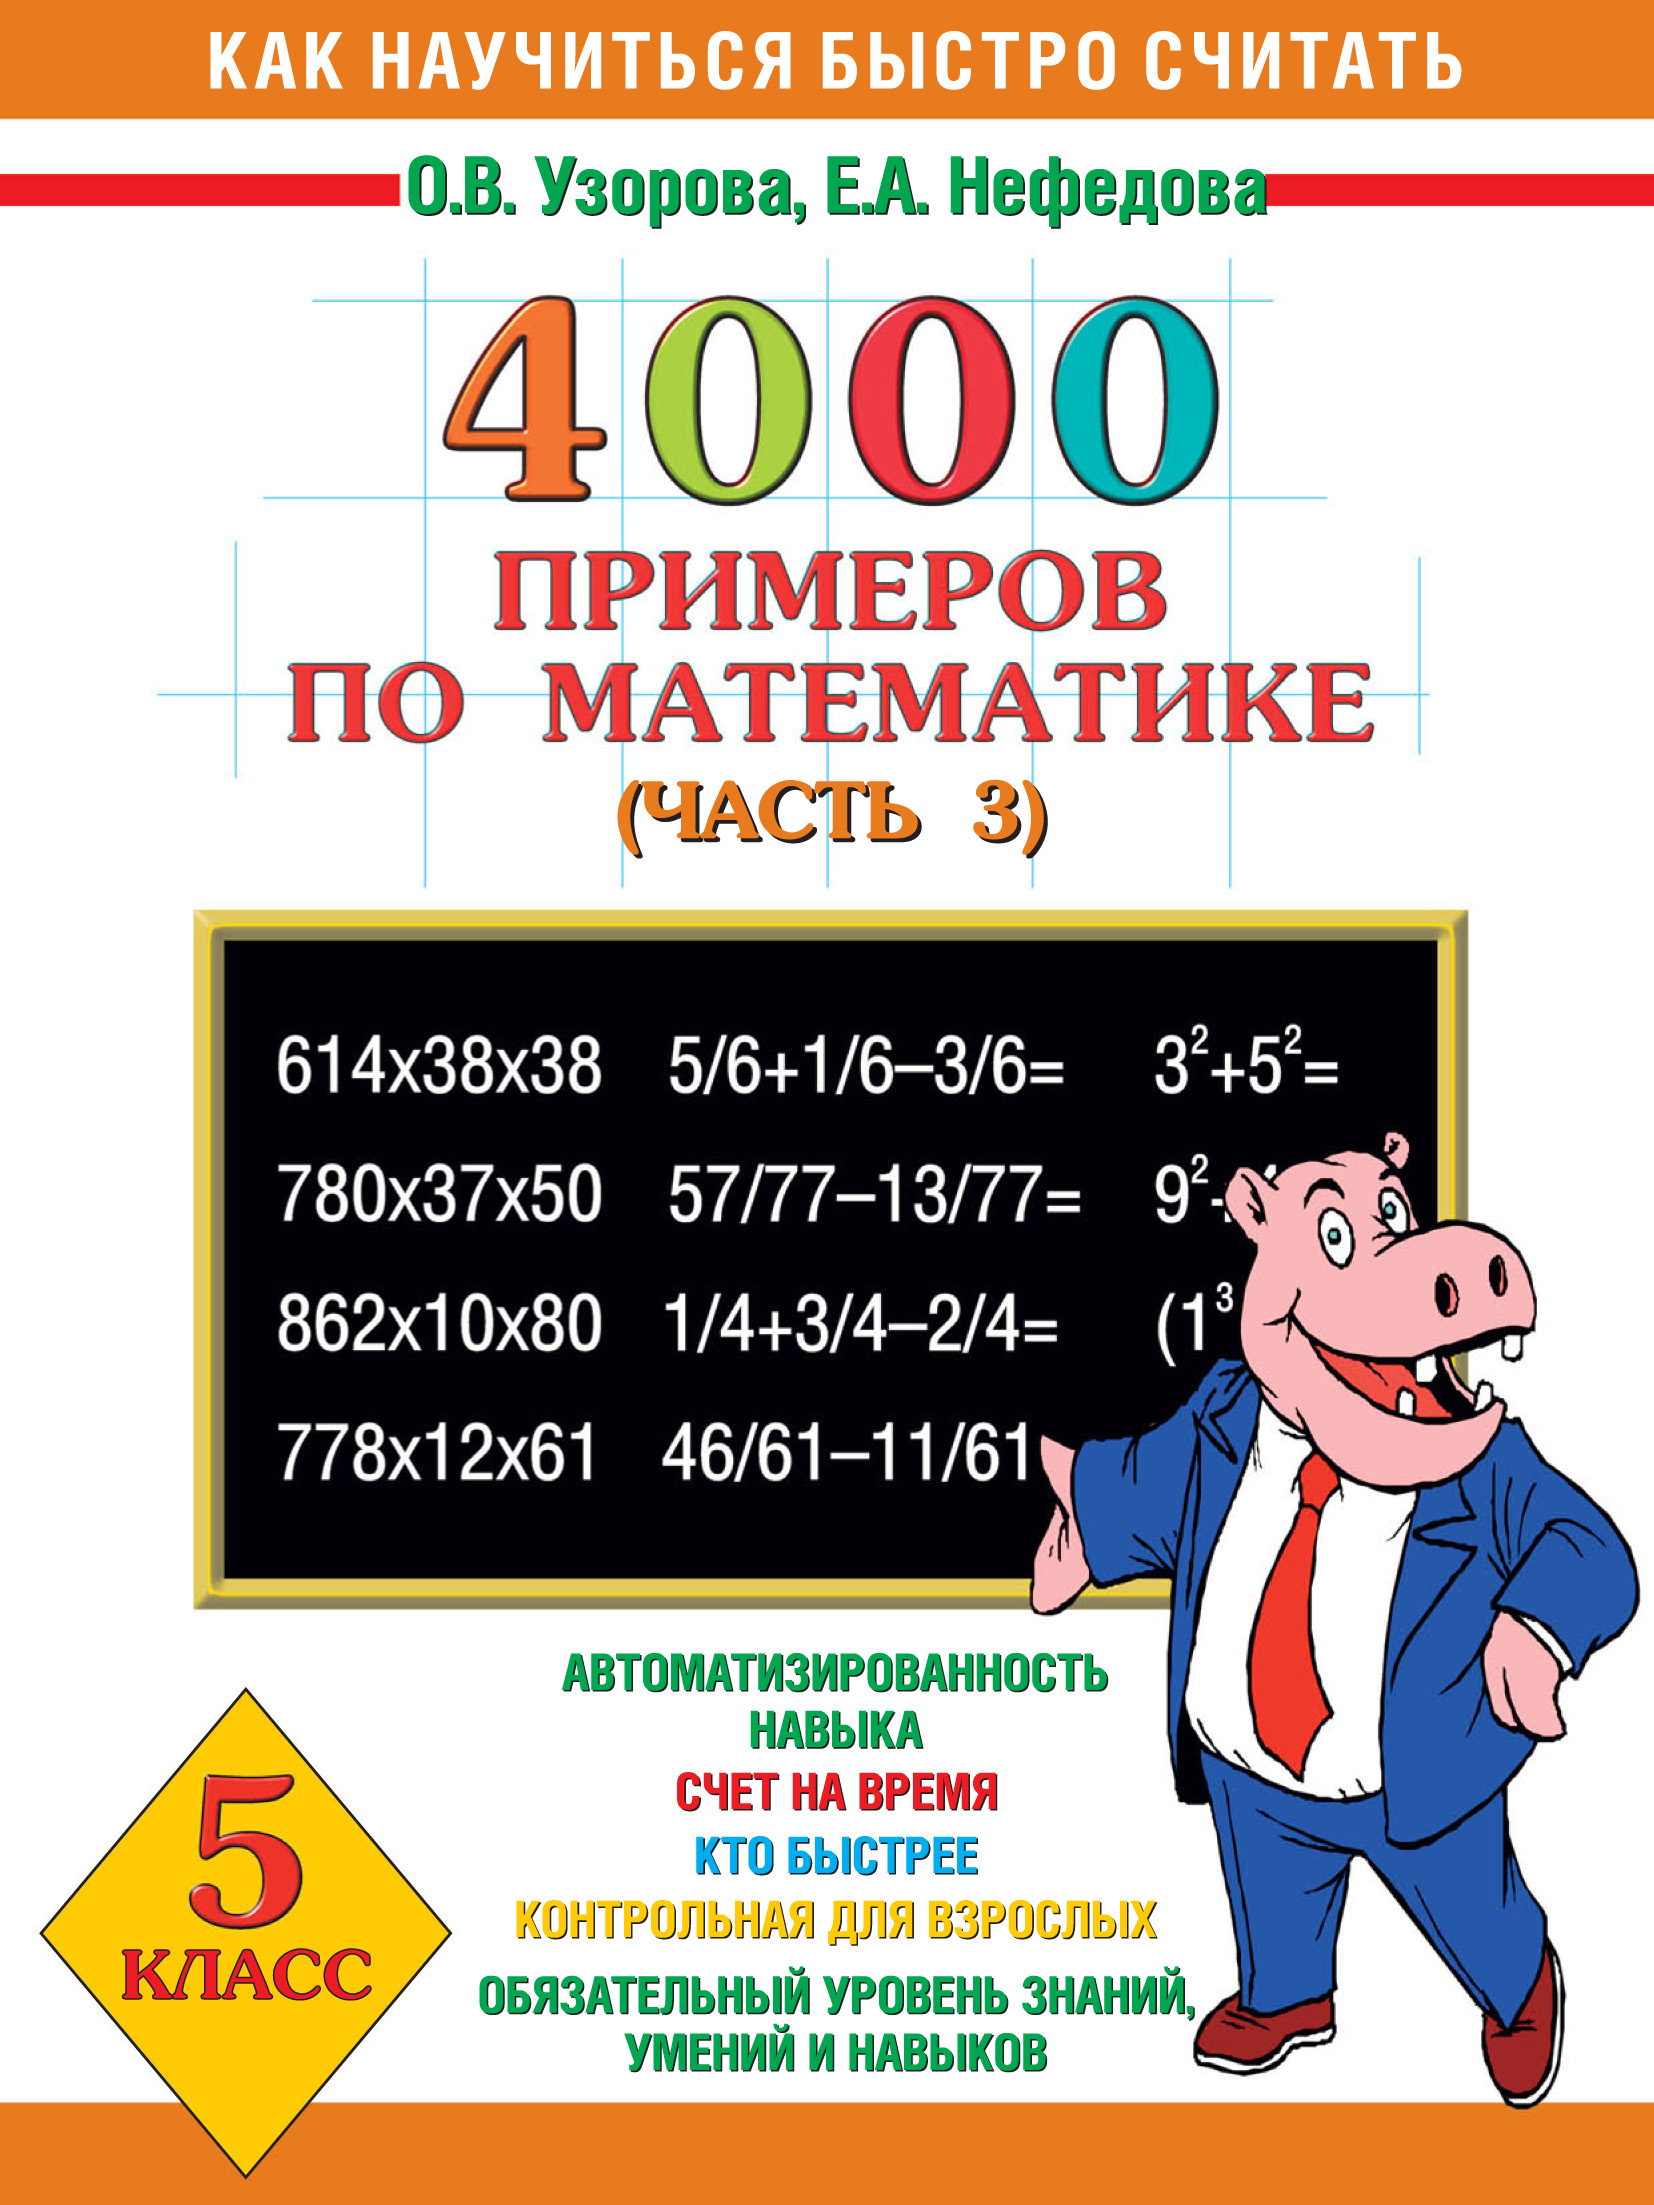 3000 ПРИМЕРОВ ПО МАТЕМАТИКЕ 4 КЛАСС ПОРЯДОК ДЕЙСТВИЙ СКАЧАТЬ БЕСПЛАТНО